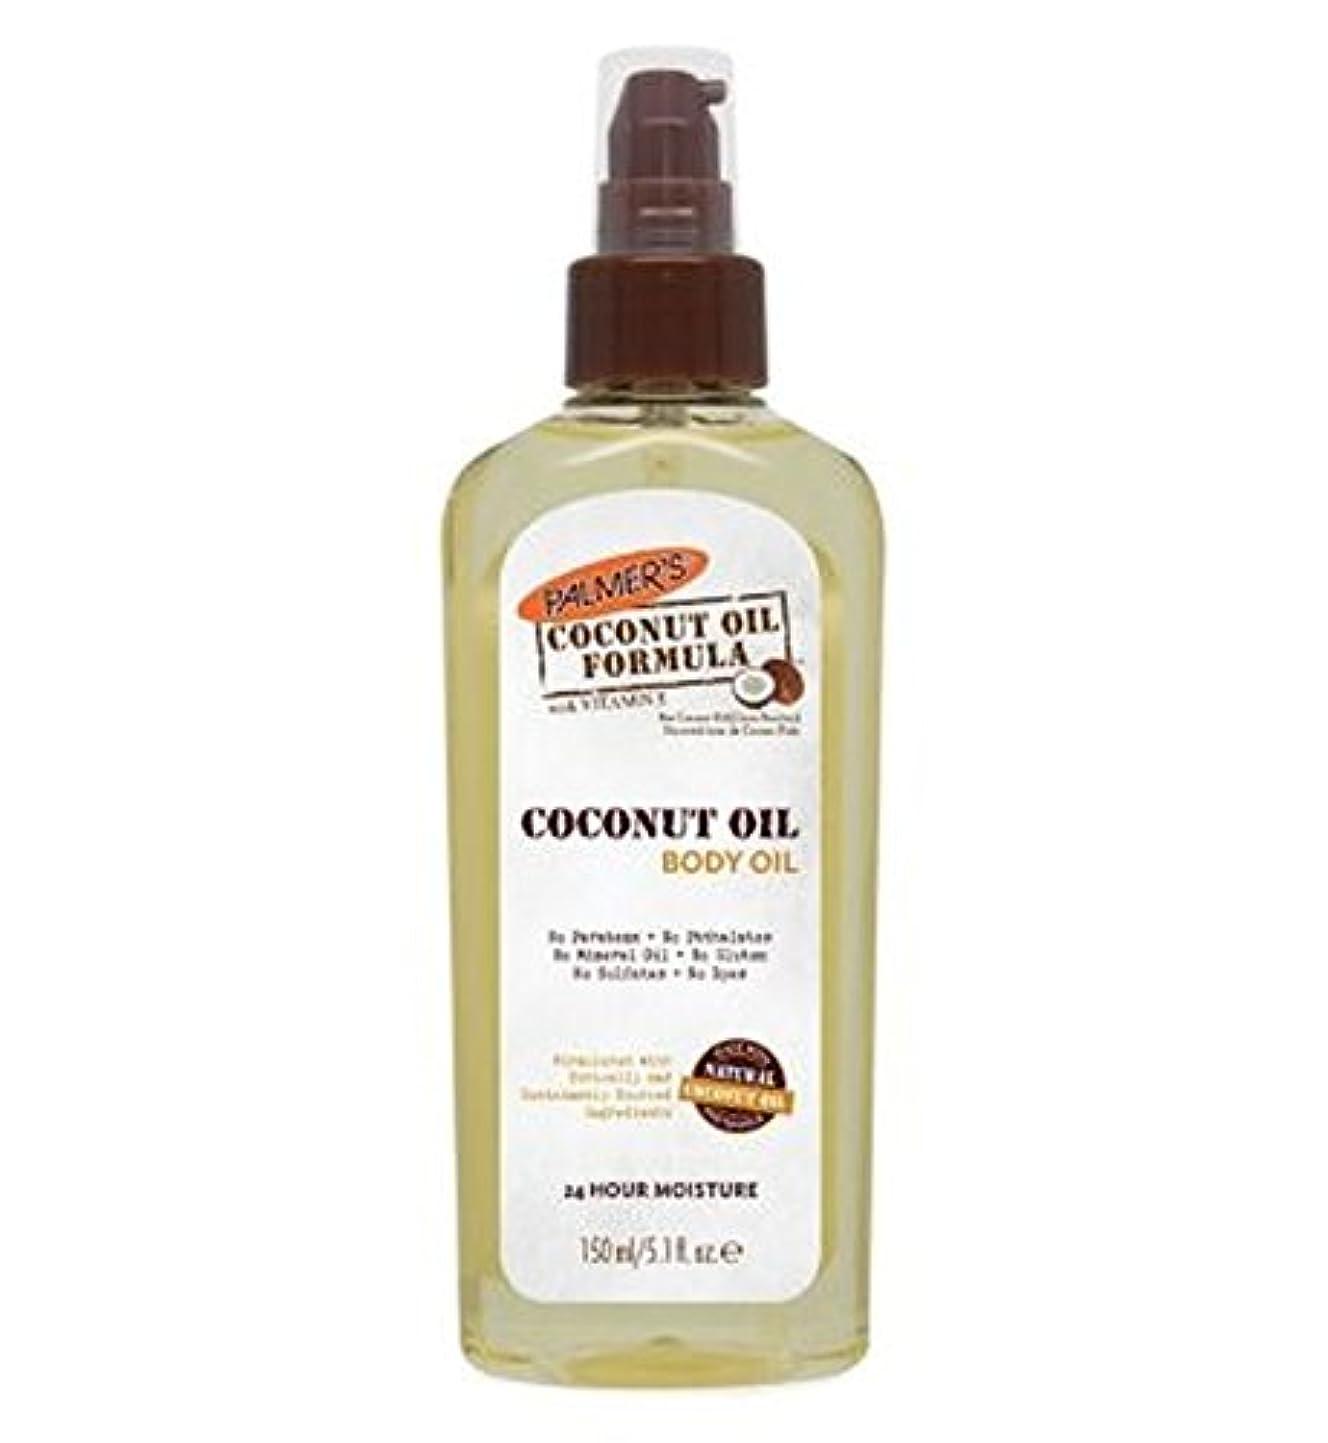 新着マーケティングウイルスパーマーのココナッツオイル式ボディオイル150ミリリットル (Palmer's) (x2) - Palmer's Coconut Oil Formula Body Oil 150ml (Pack of 2) [並行輸入品]